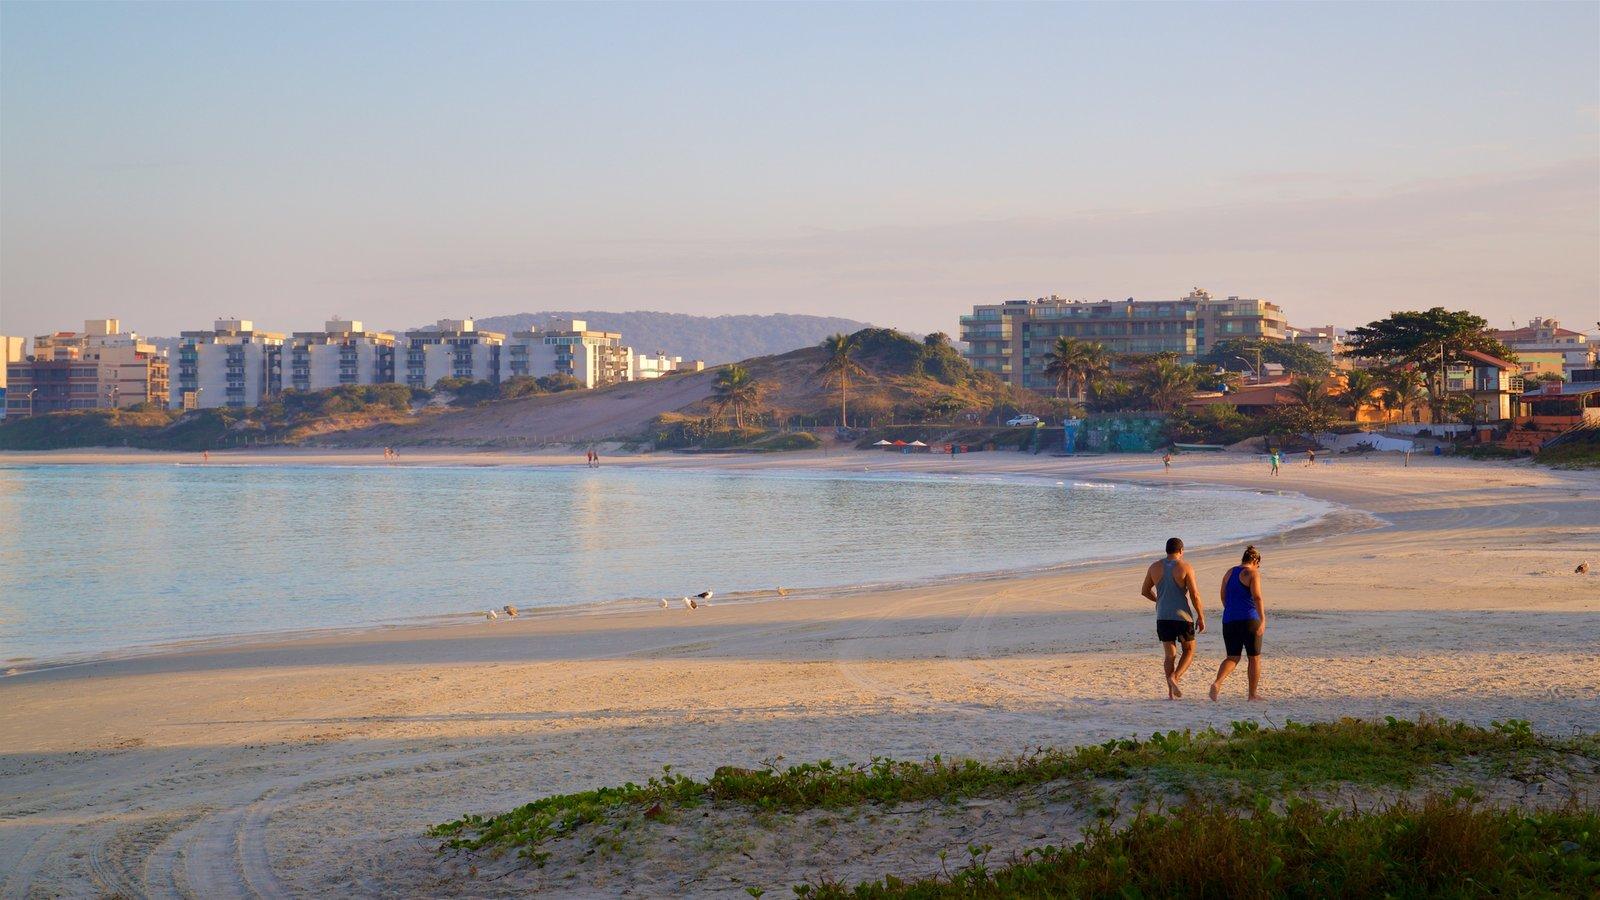 Praia do Forte caracterizando paisagens litorâneas, um pôr do sol e paisagem